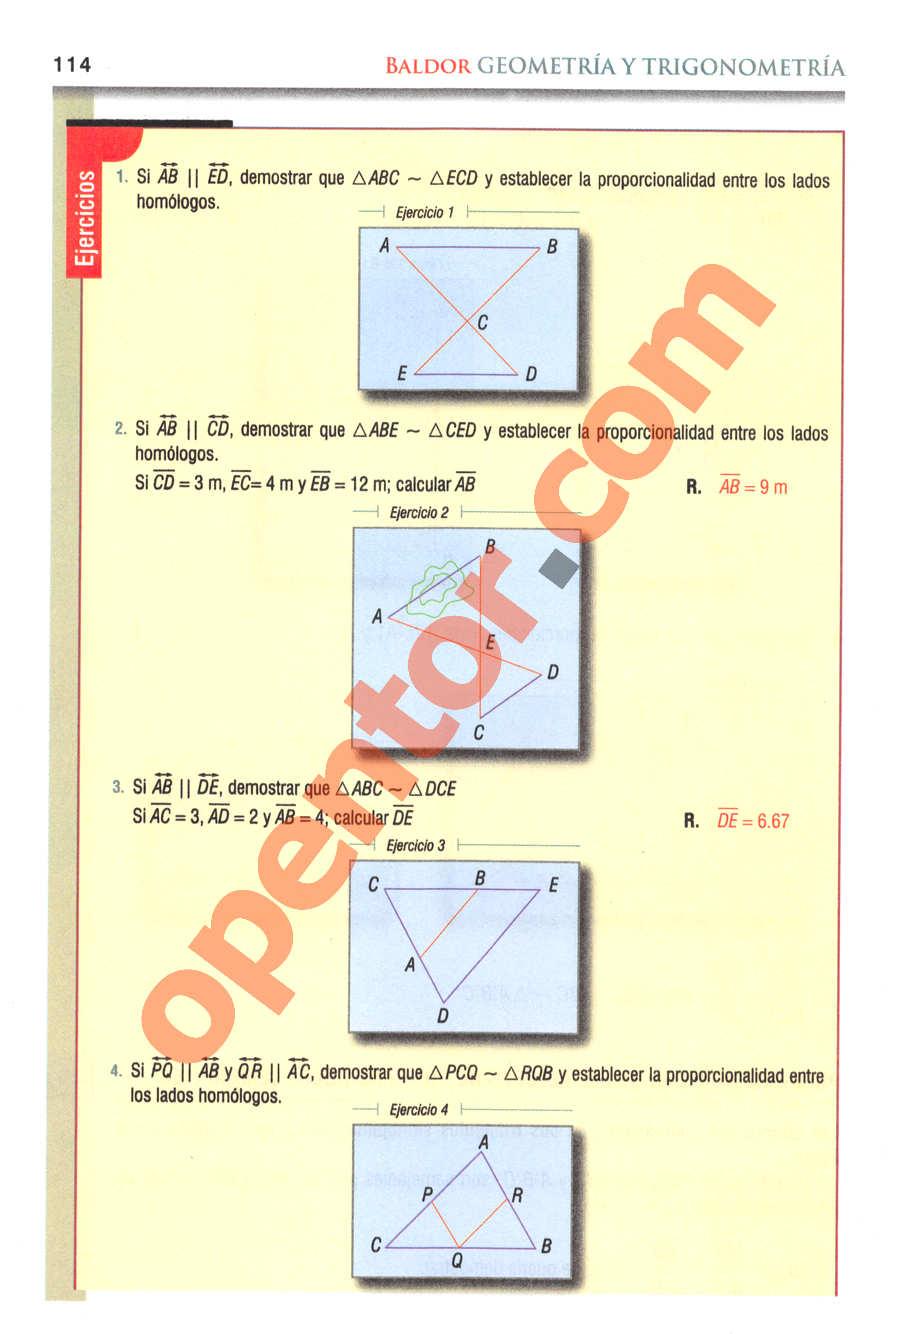 Geometría y Trigonometría de Baldor - Página 114